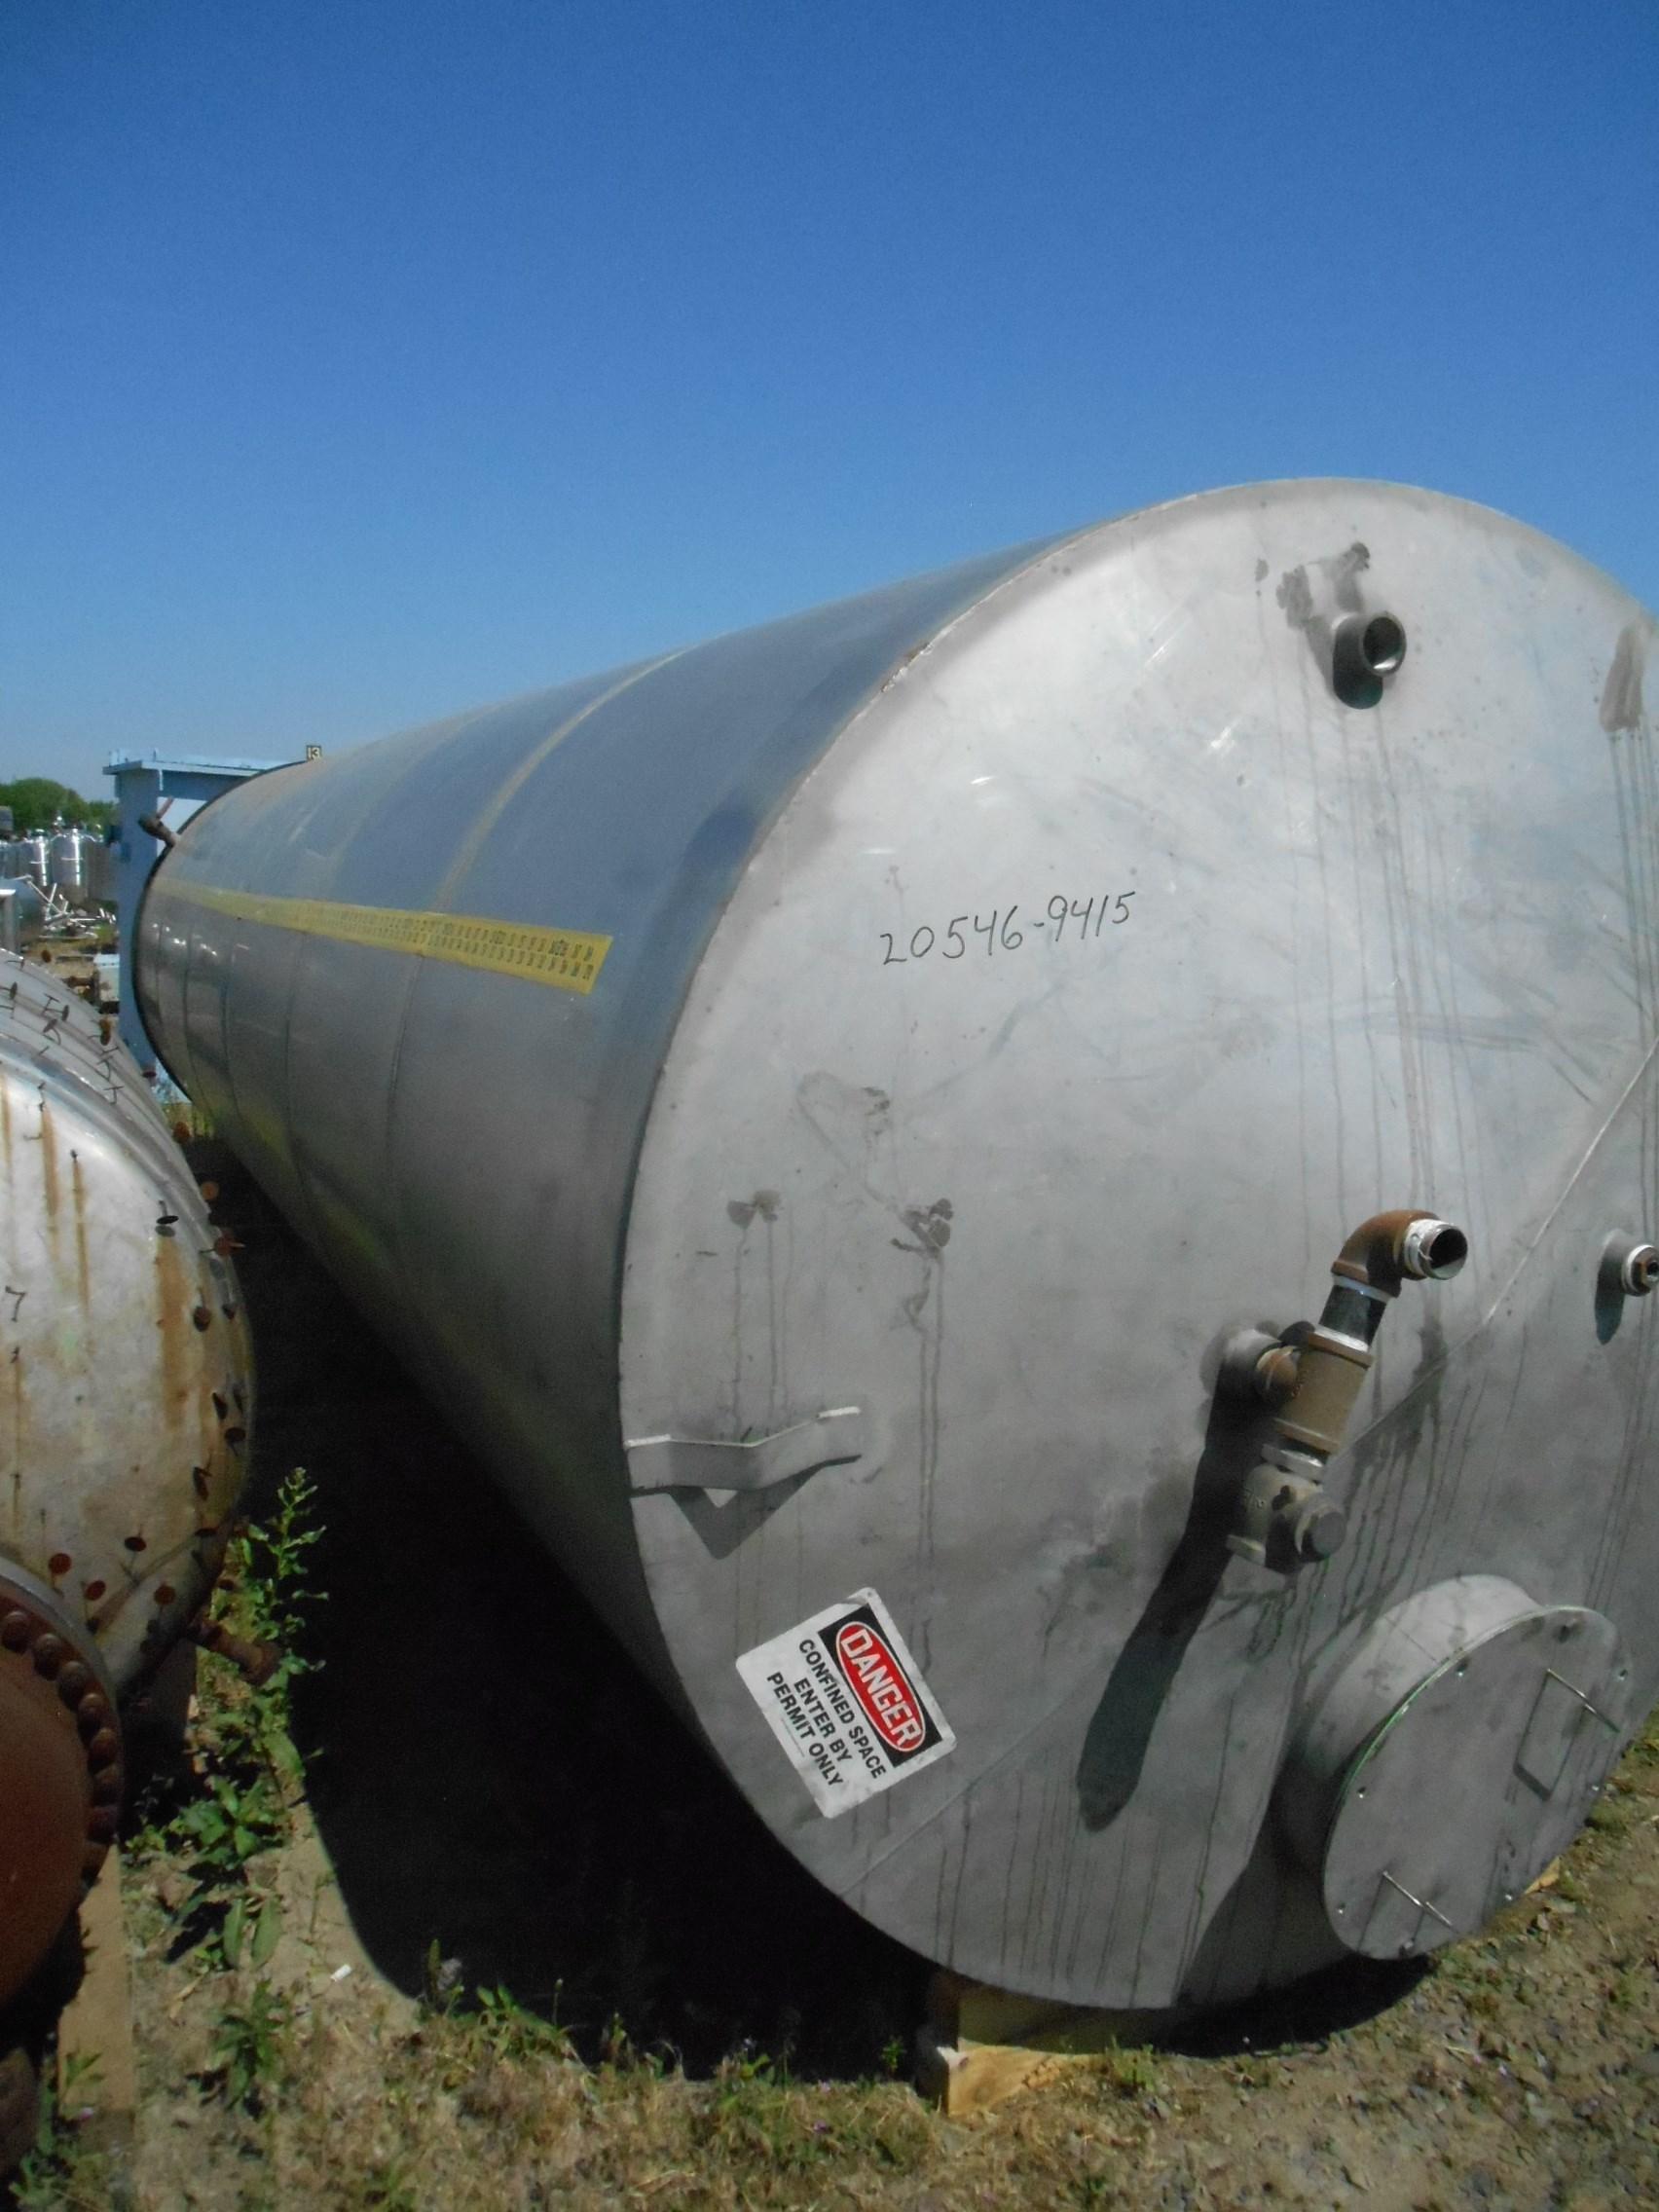 6000 Gal Eisenback Stainless Steel Tank | 9415 | New Used